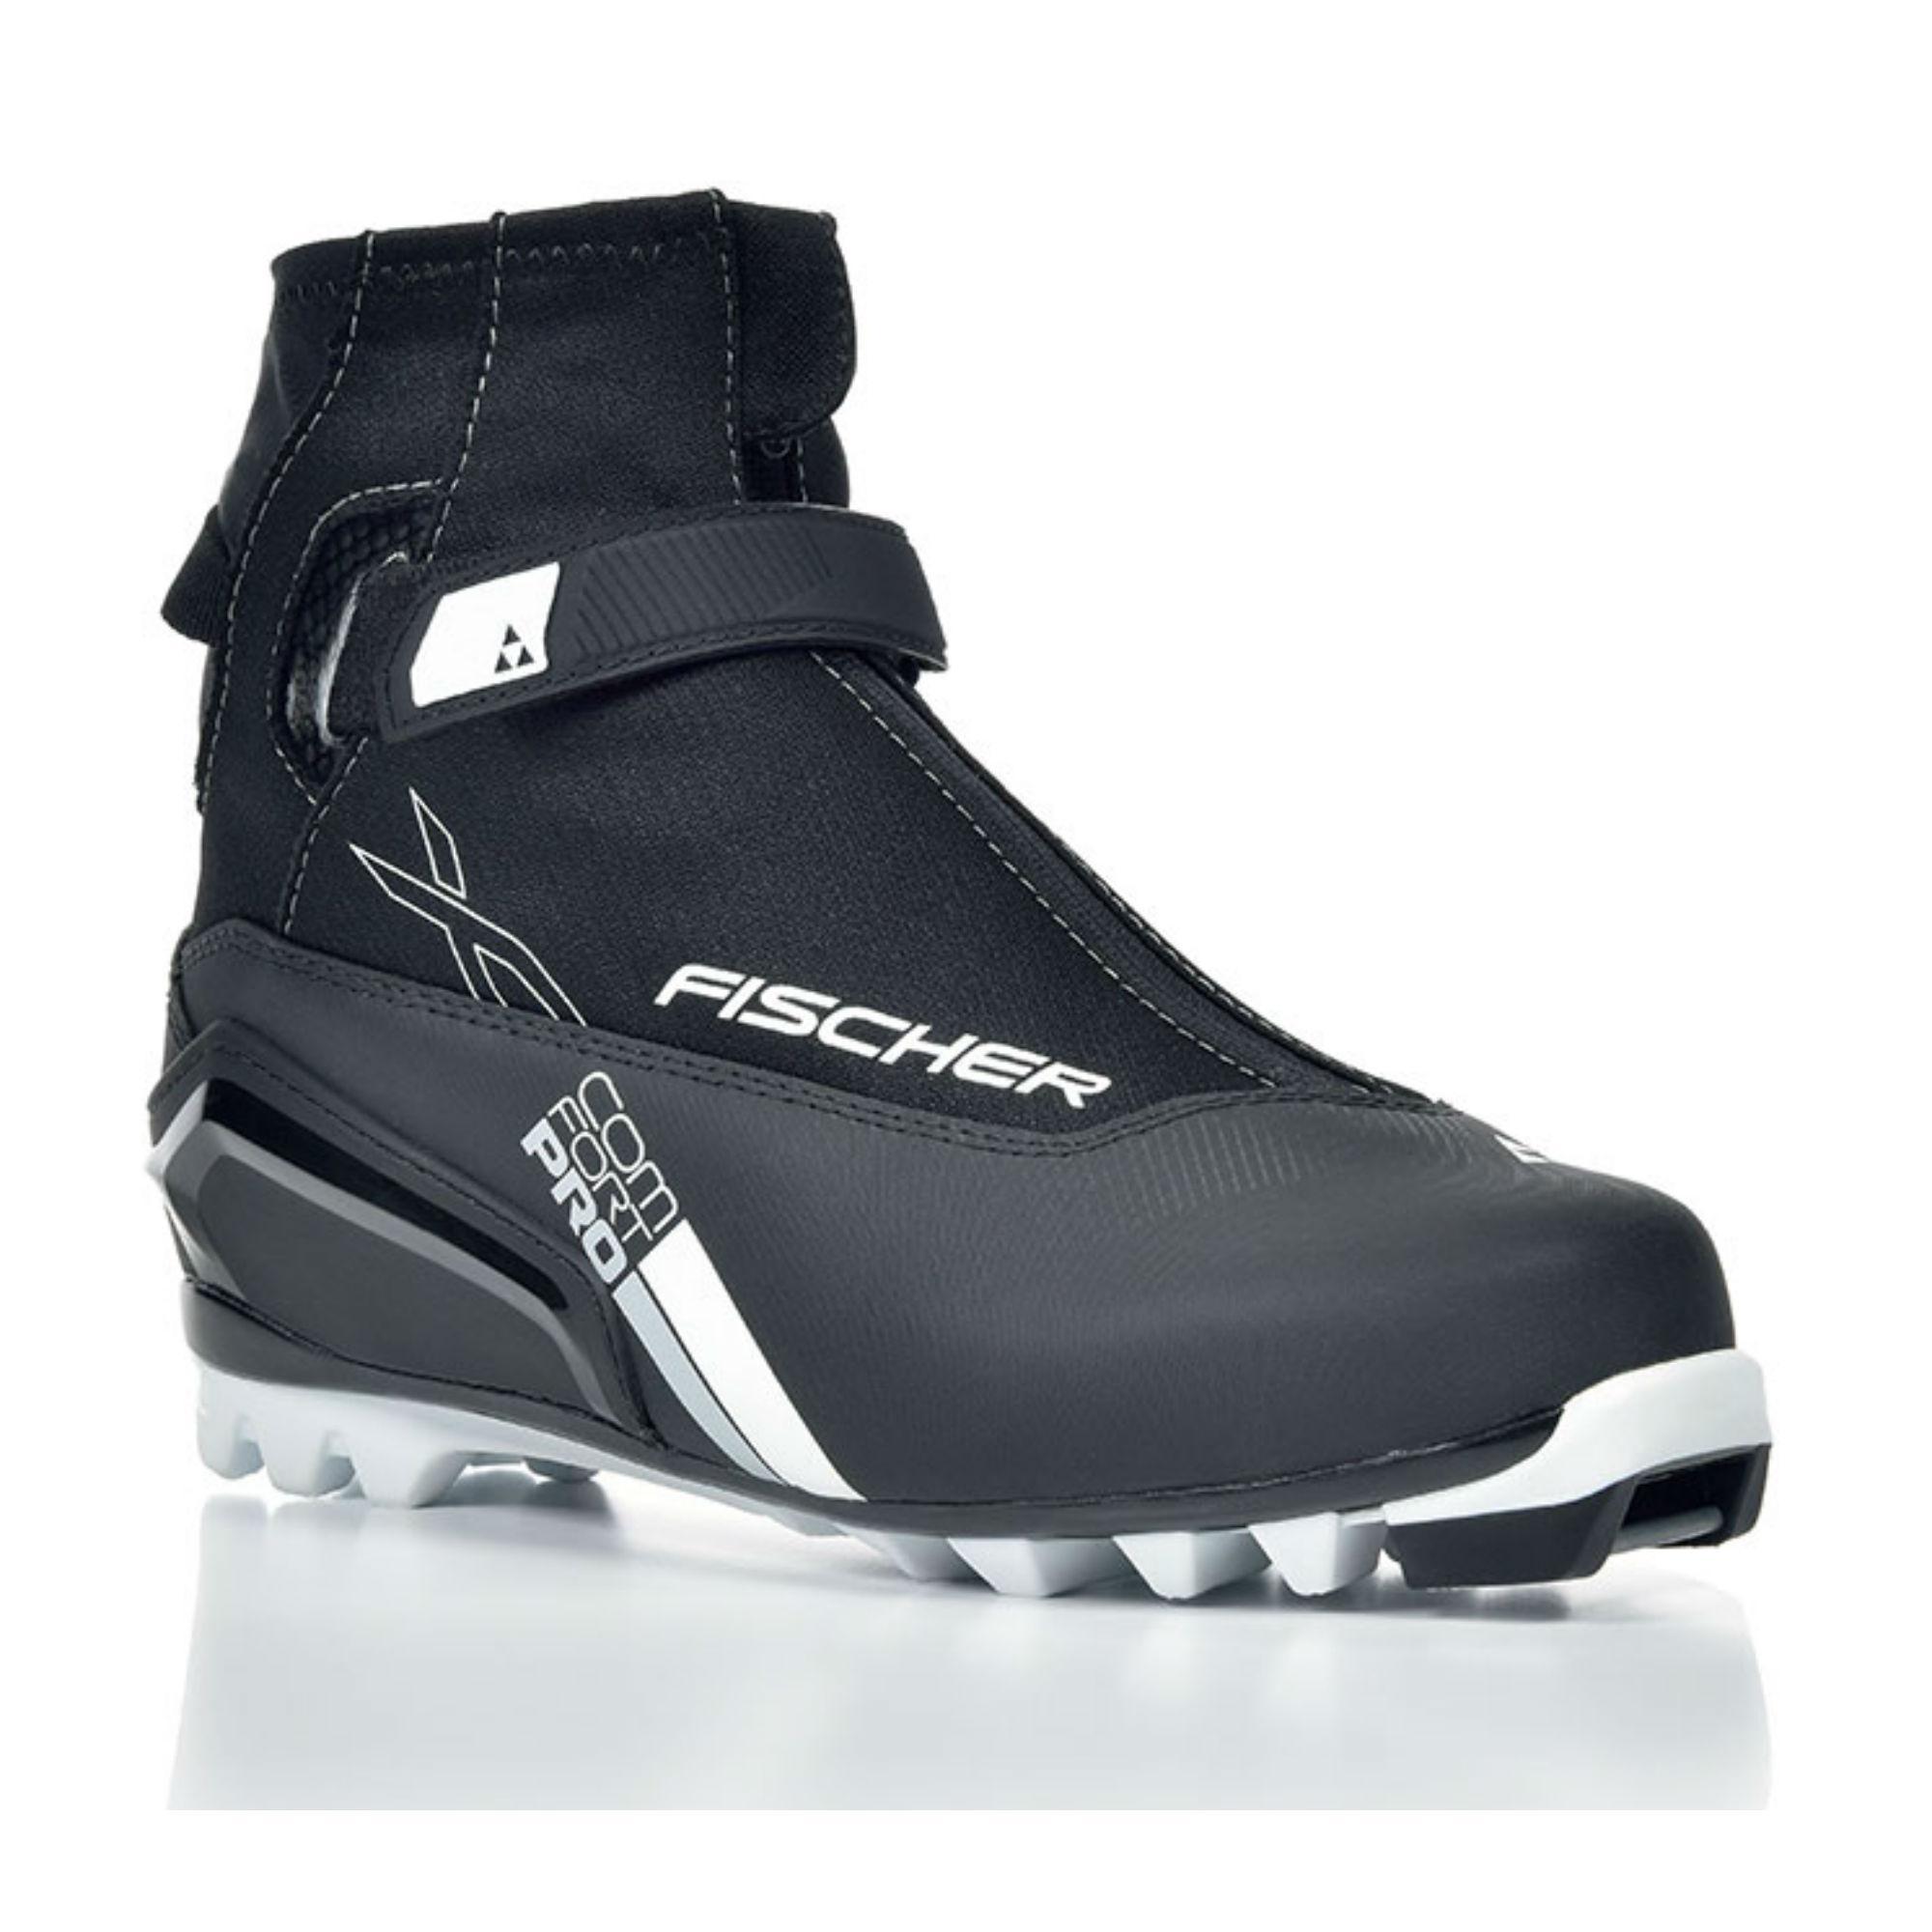 Fisch Xc Comfort Pro Boots